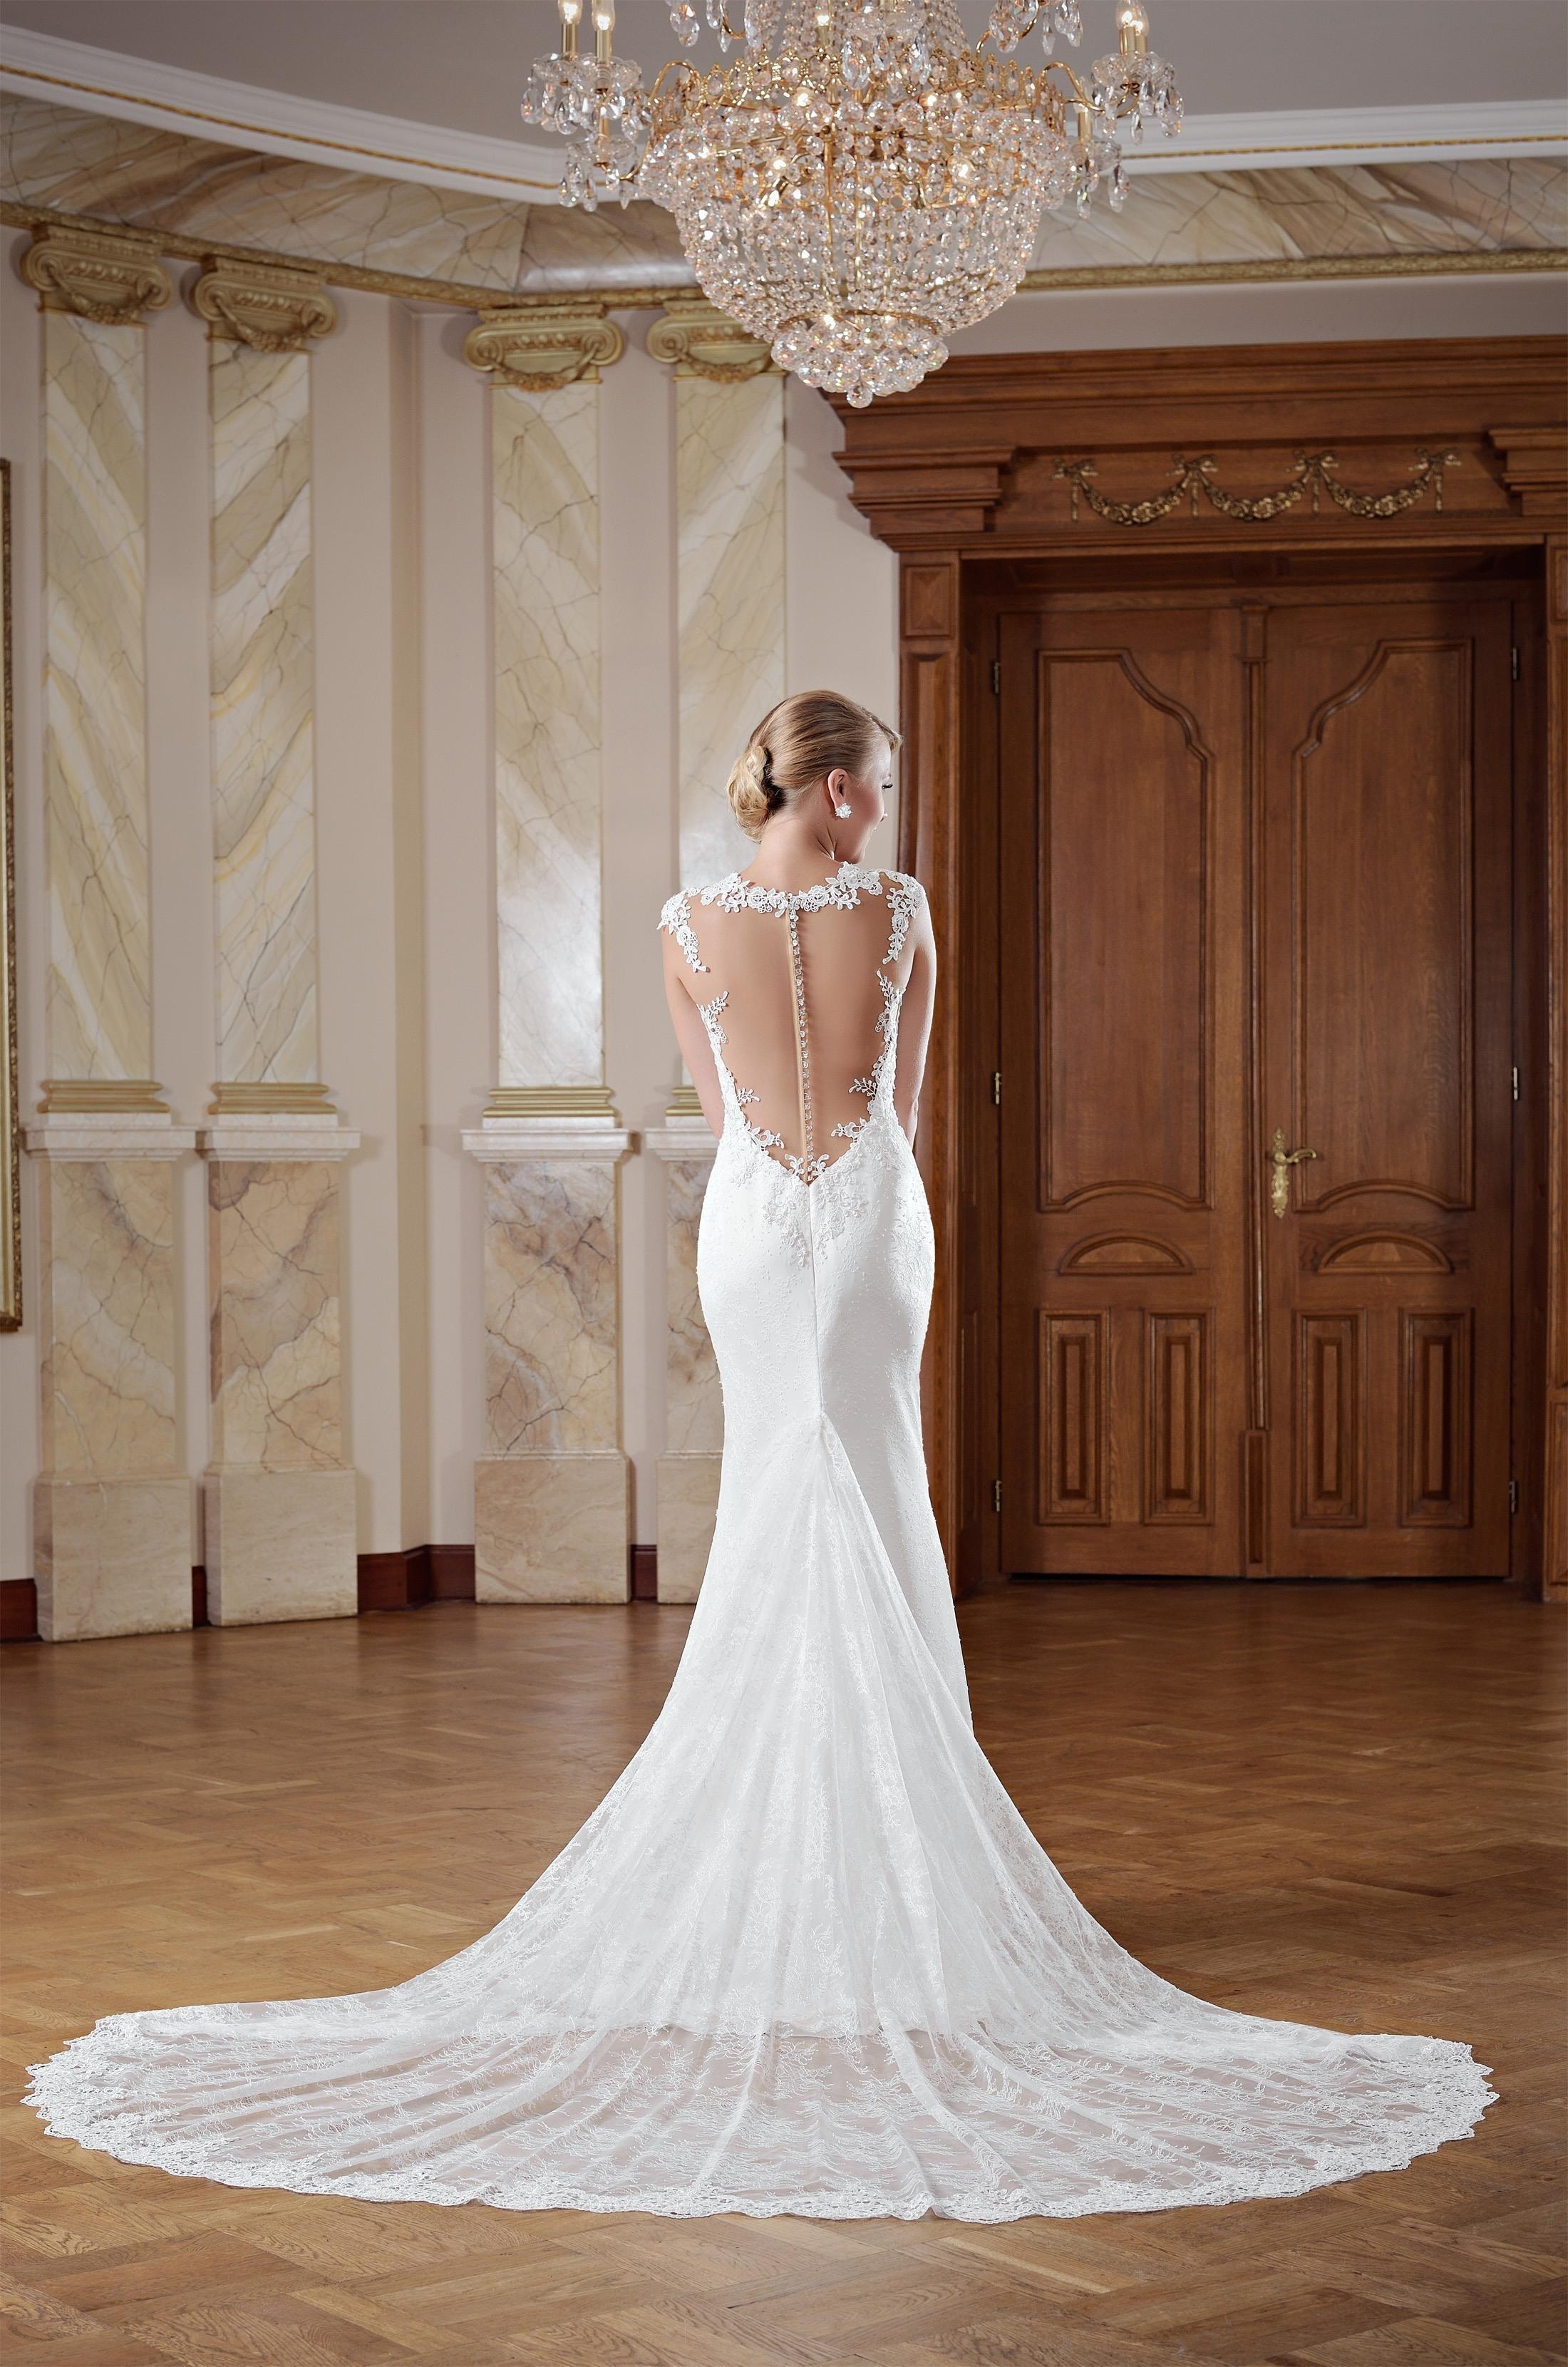 17 Einzigartig Brautkleid Mit Schleppe Boutique10 Schön Brautkleid Mit Schleppe Vertrieb